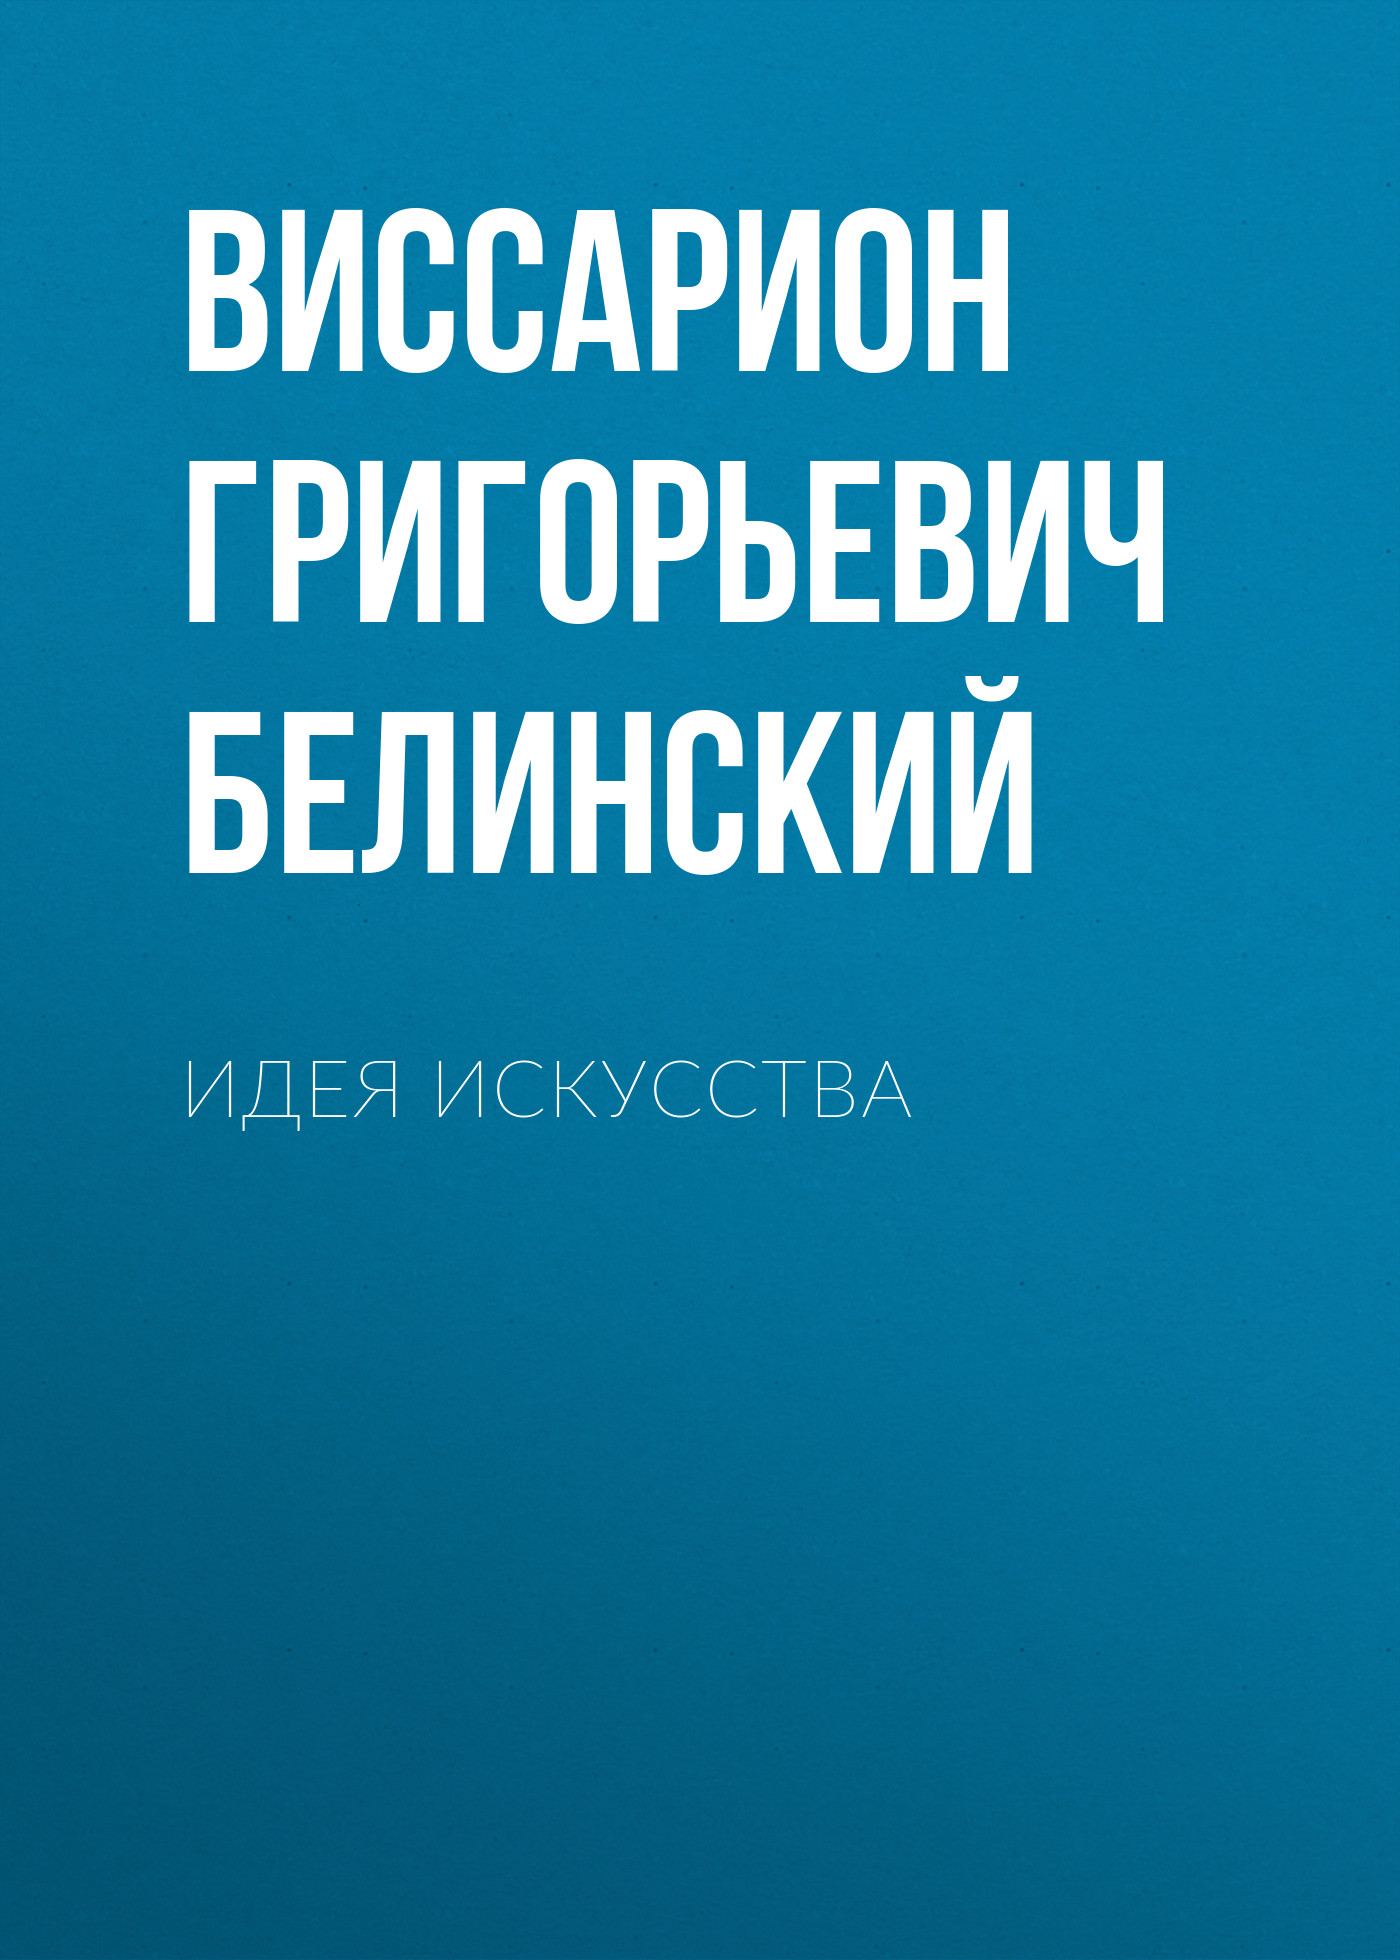 все цены на Виссарион Григорьевич Белинский Идея искусства онлайн